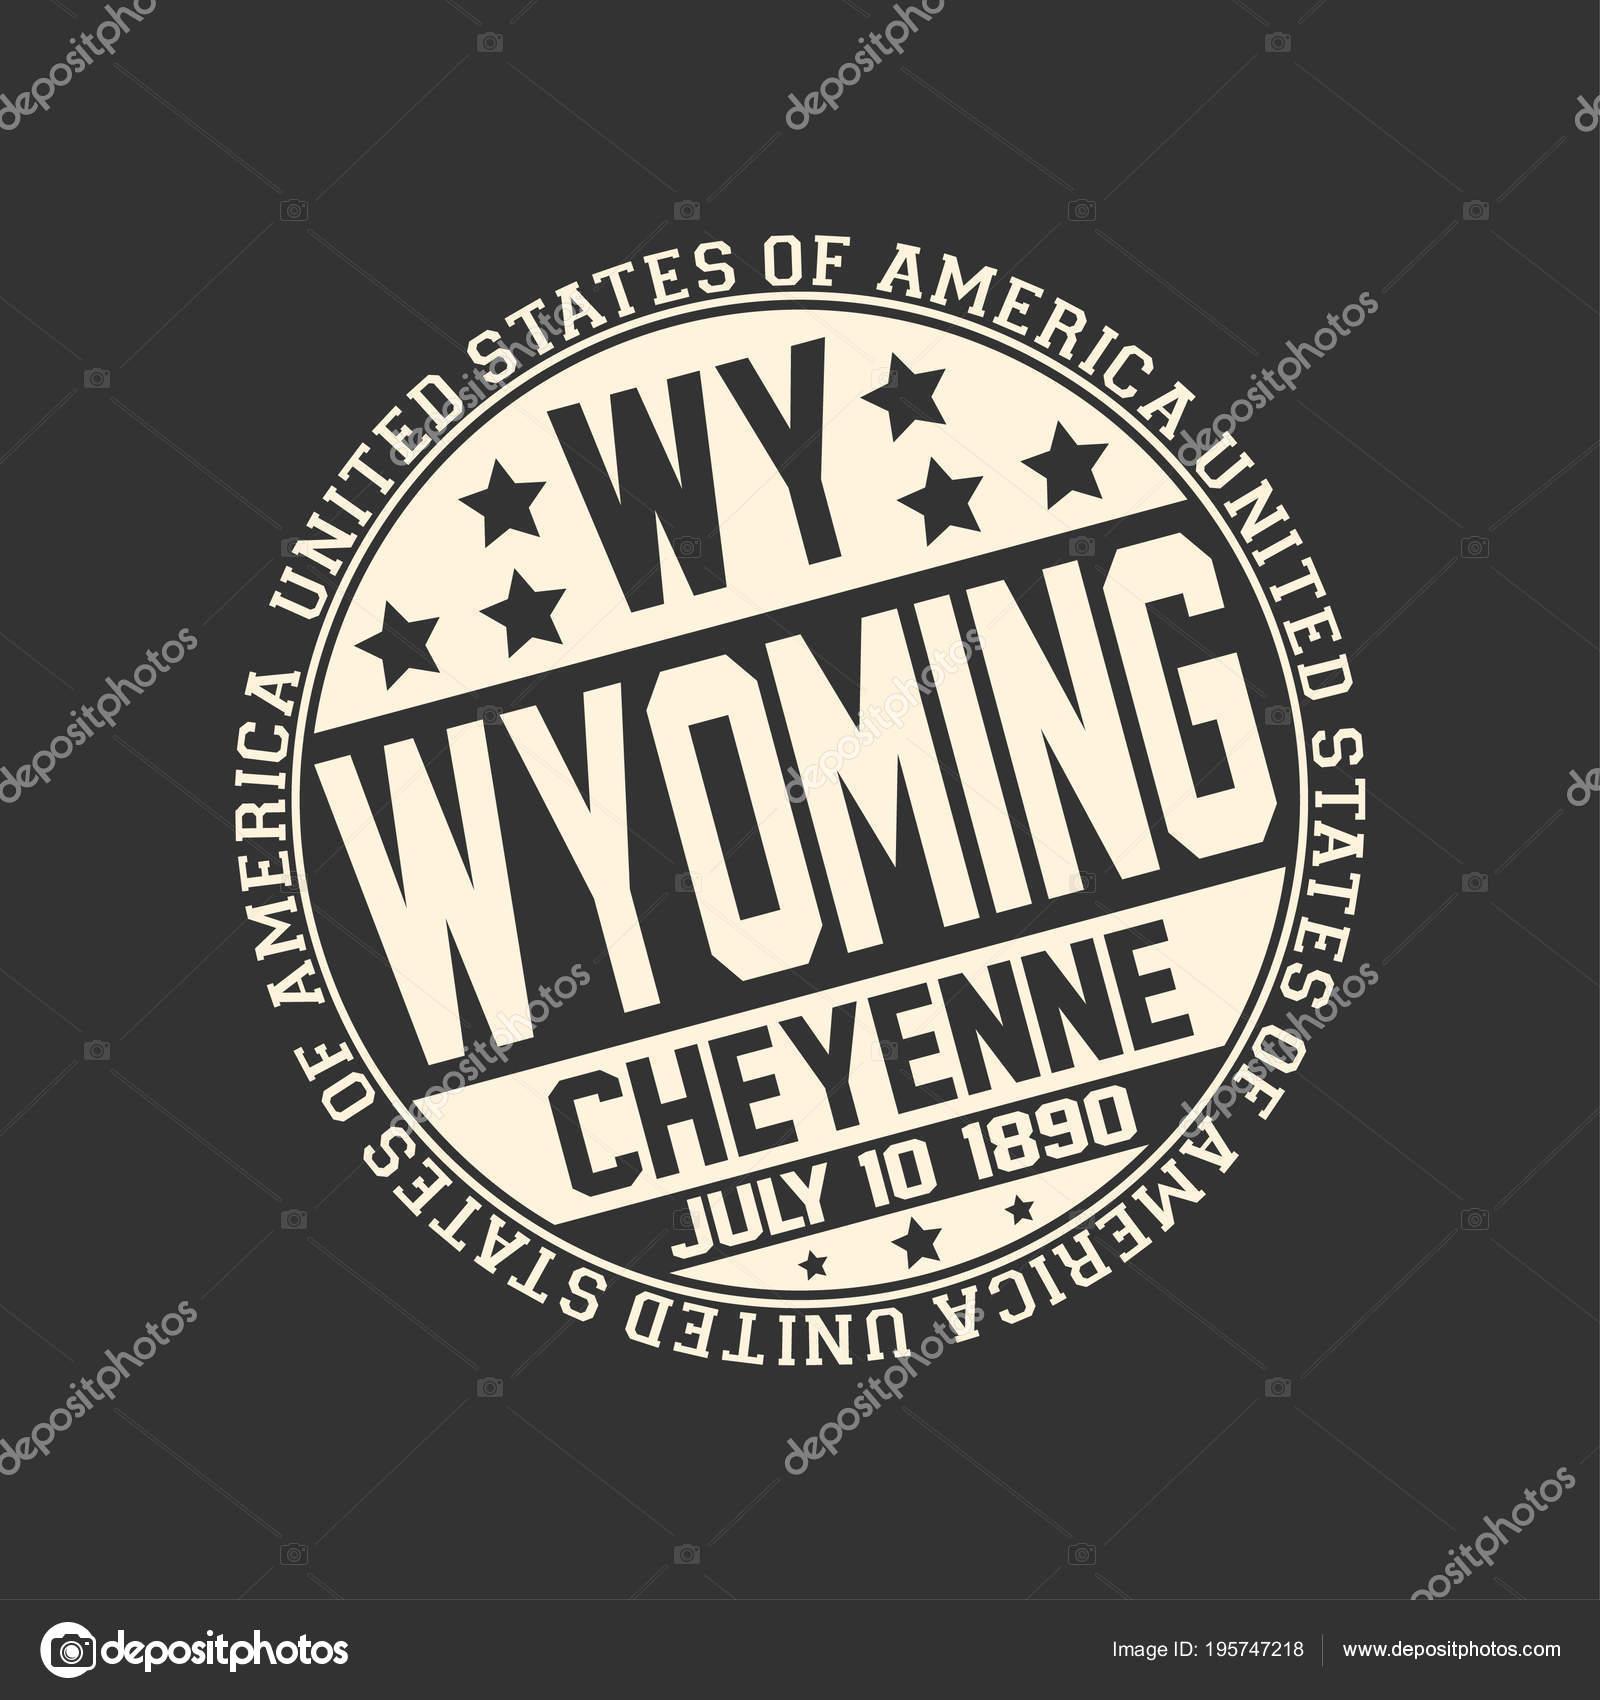 Dating cheyenne wy